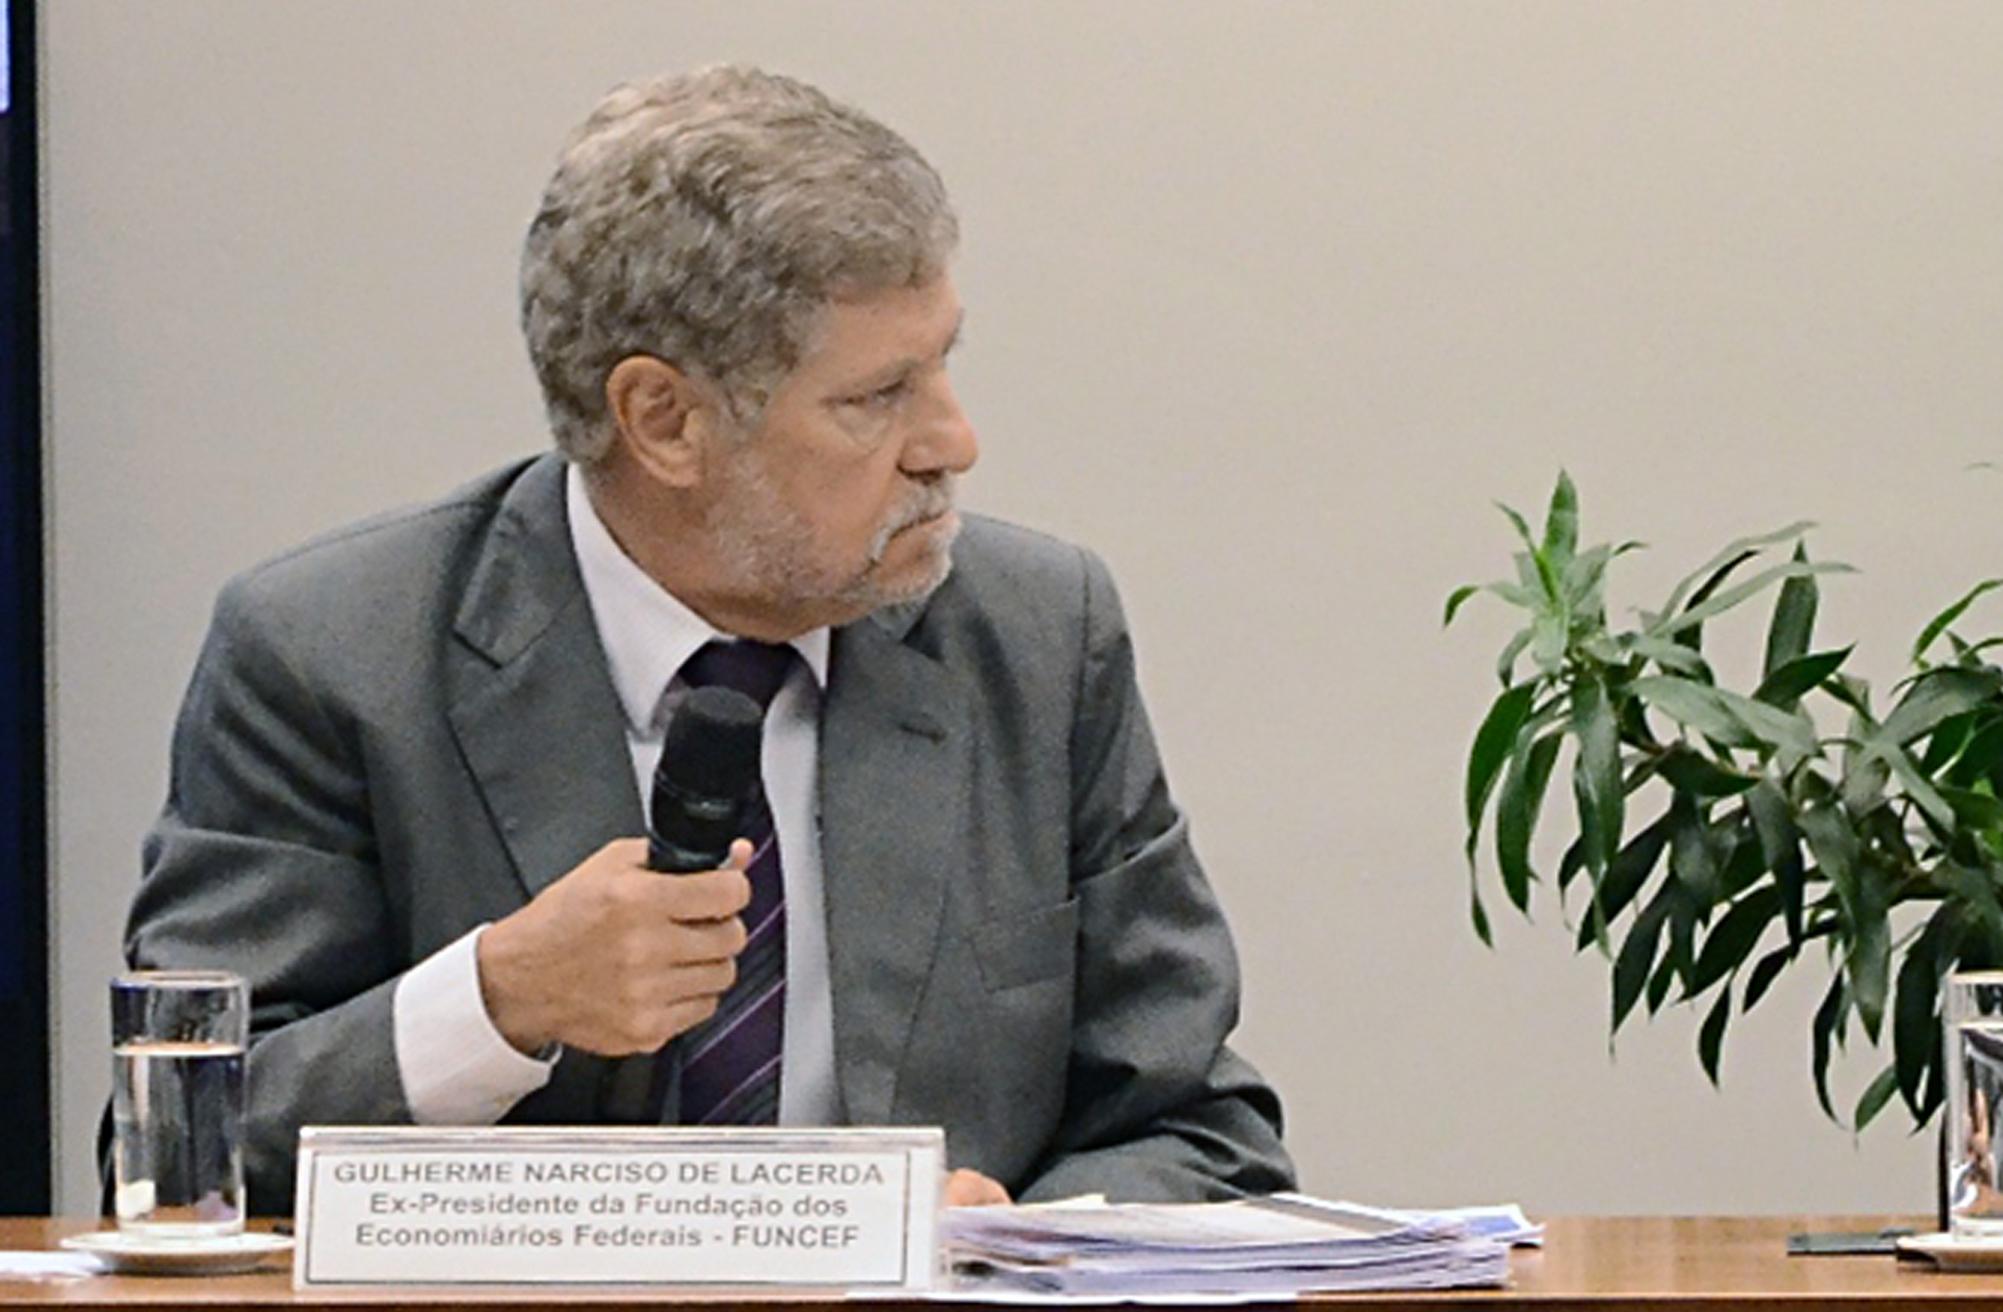 Audiência Pública. Guilherme Narciso de Lacerda, Ex Presidente da Fundação dos Economiários Federais